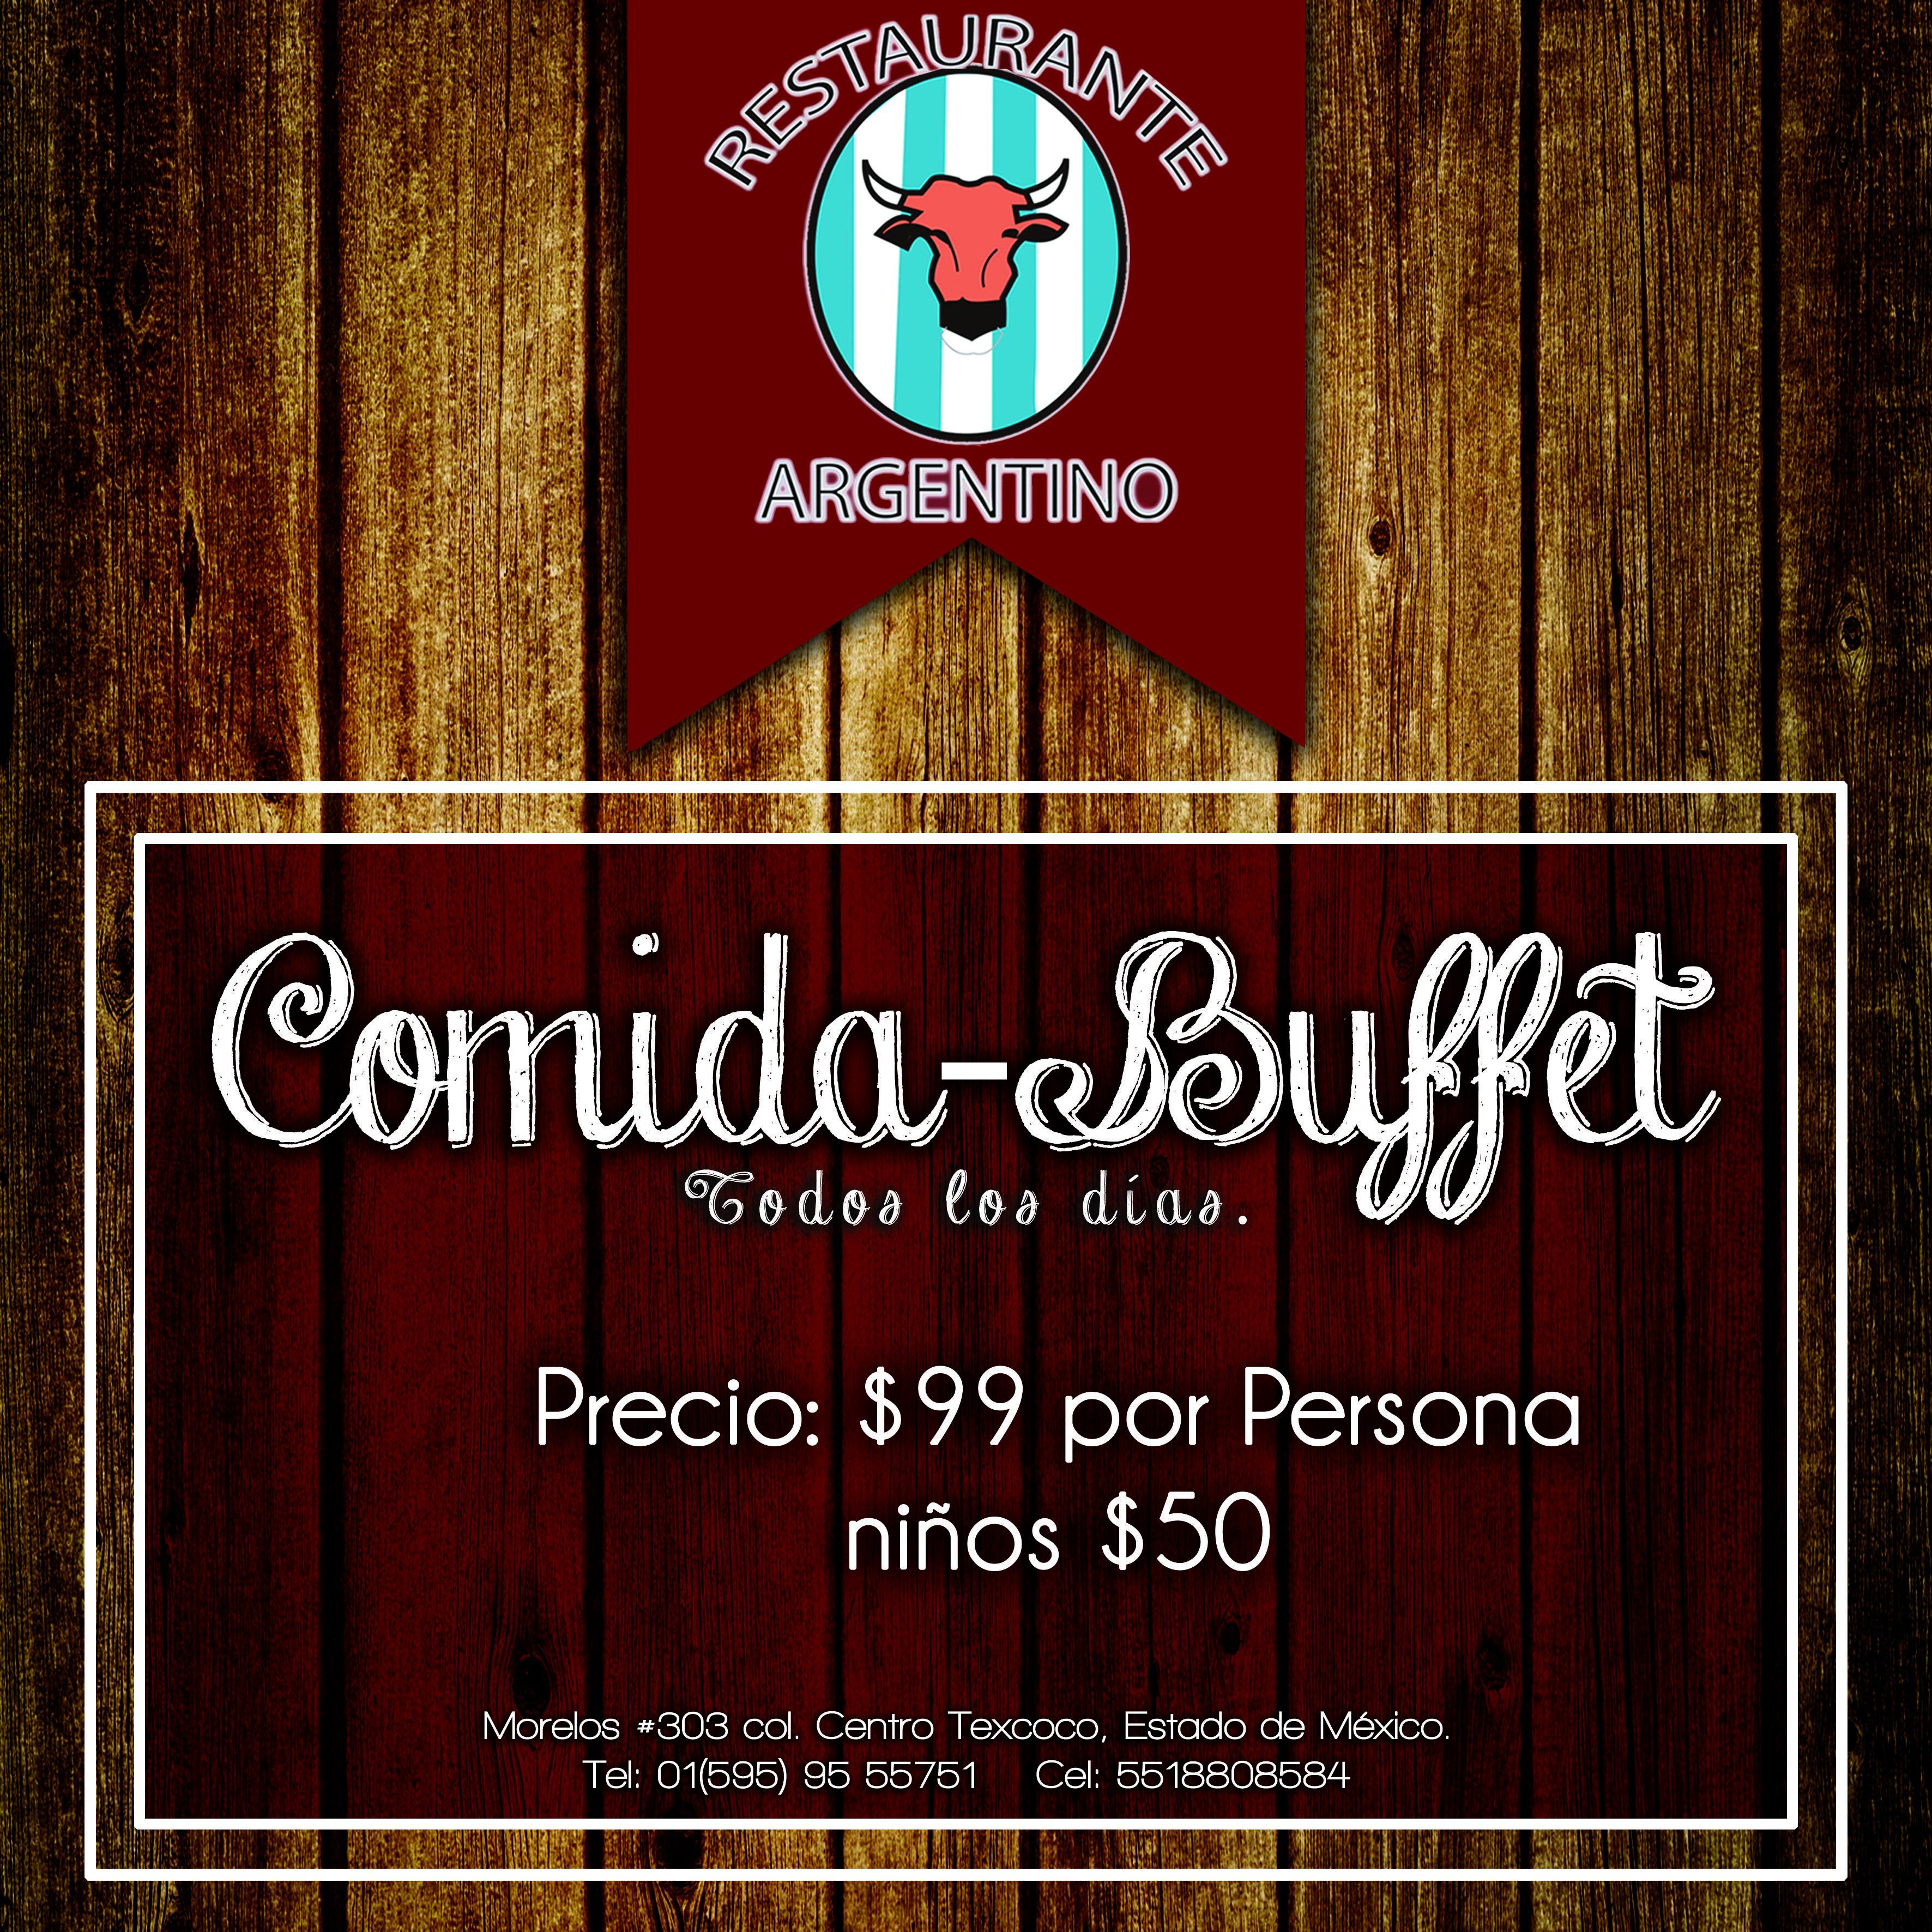 ¡Prueba lo mas rico en comida! http://negocilibre.com/directorio/restaurante-argentino/